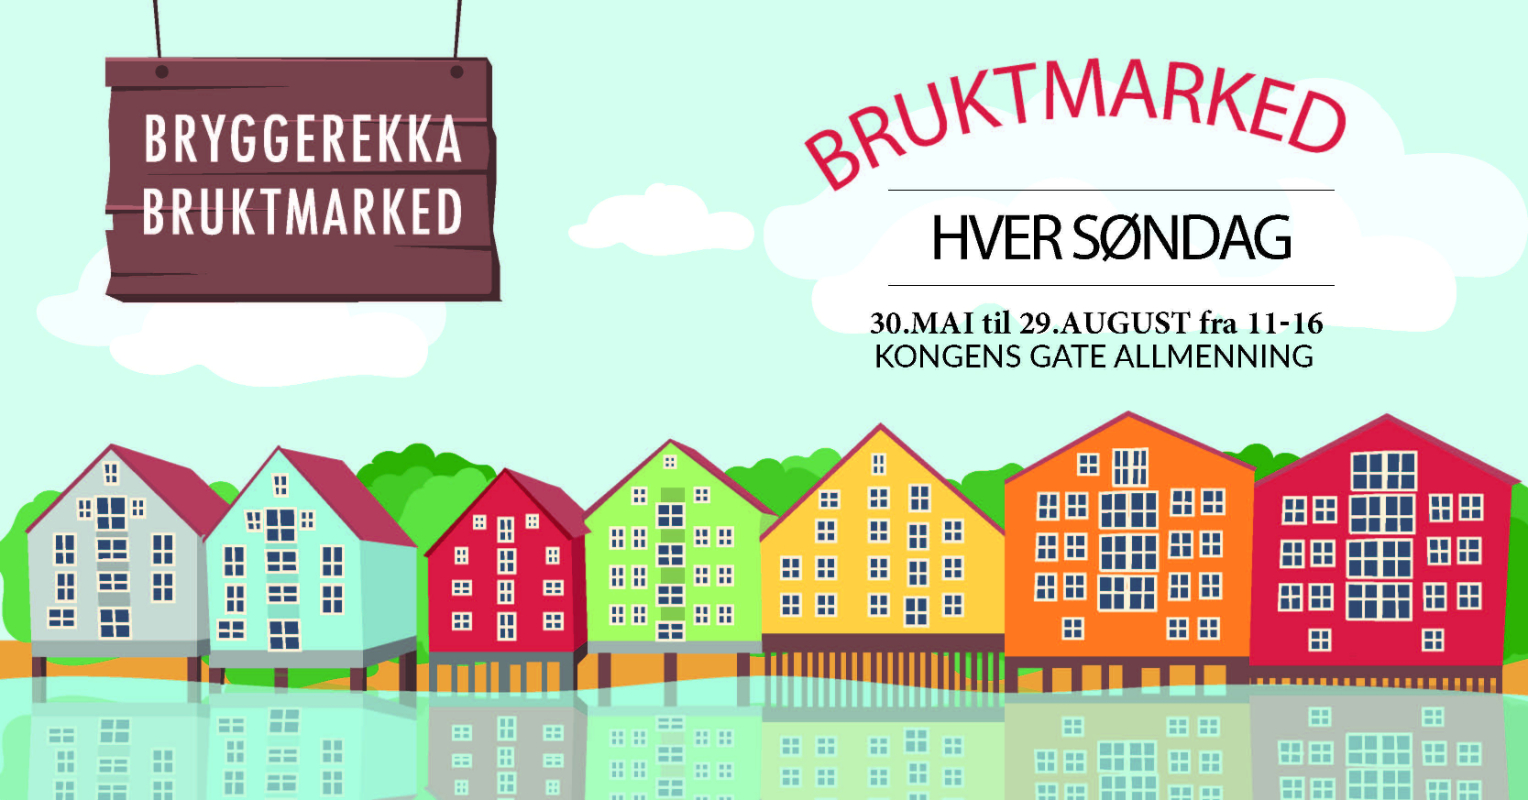 Bryggerekka Bruktmarked ved Nidelva i Trondheim